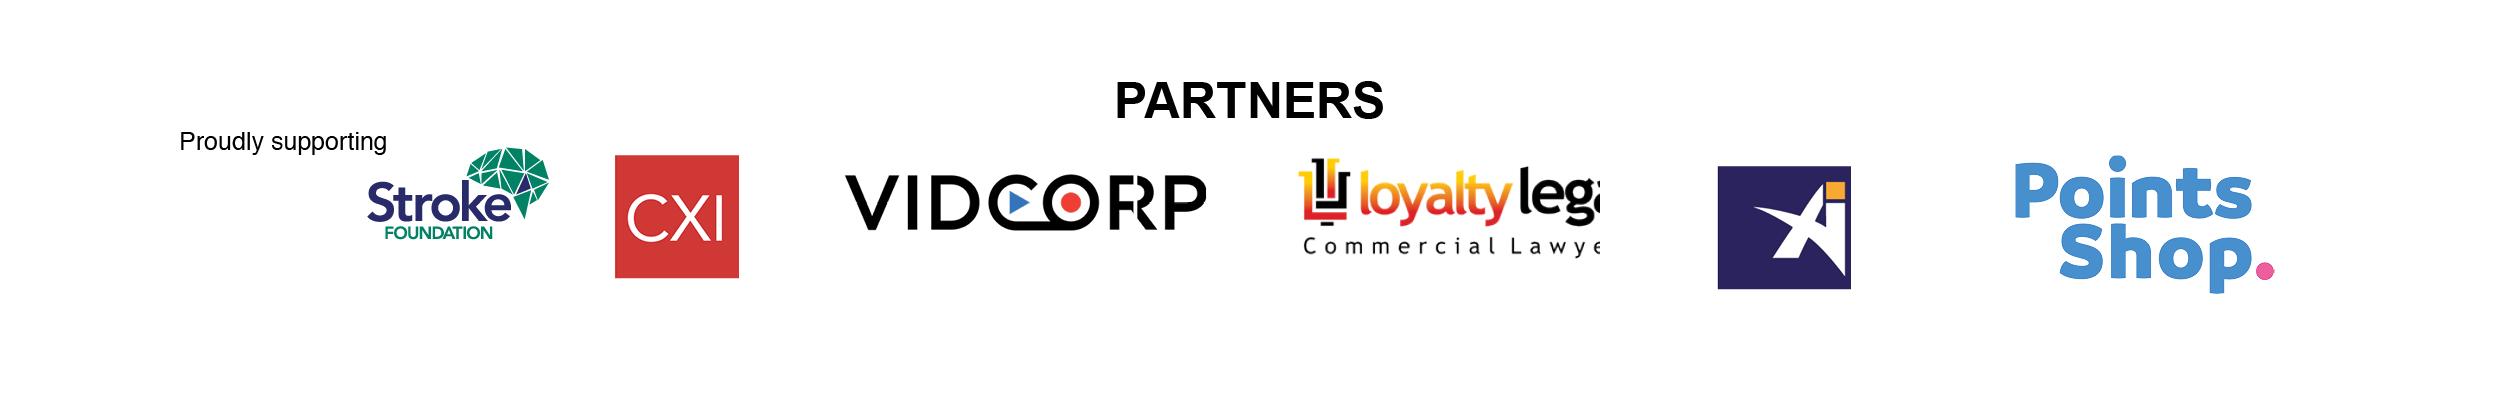 Sponsors_SYD_2019_v6.png